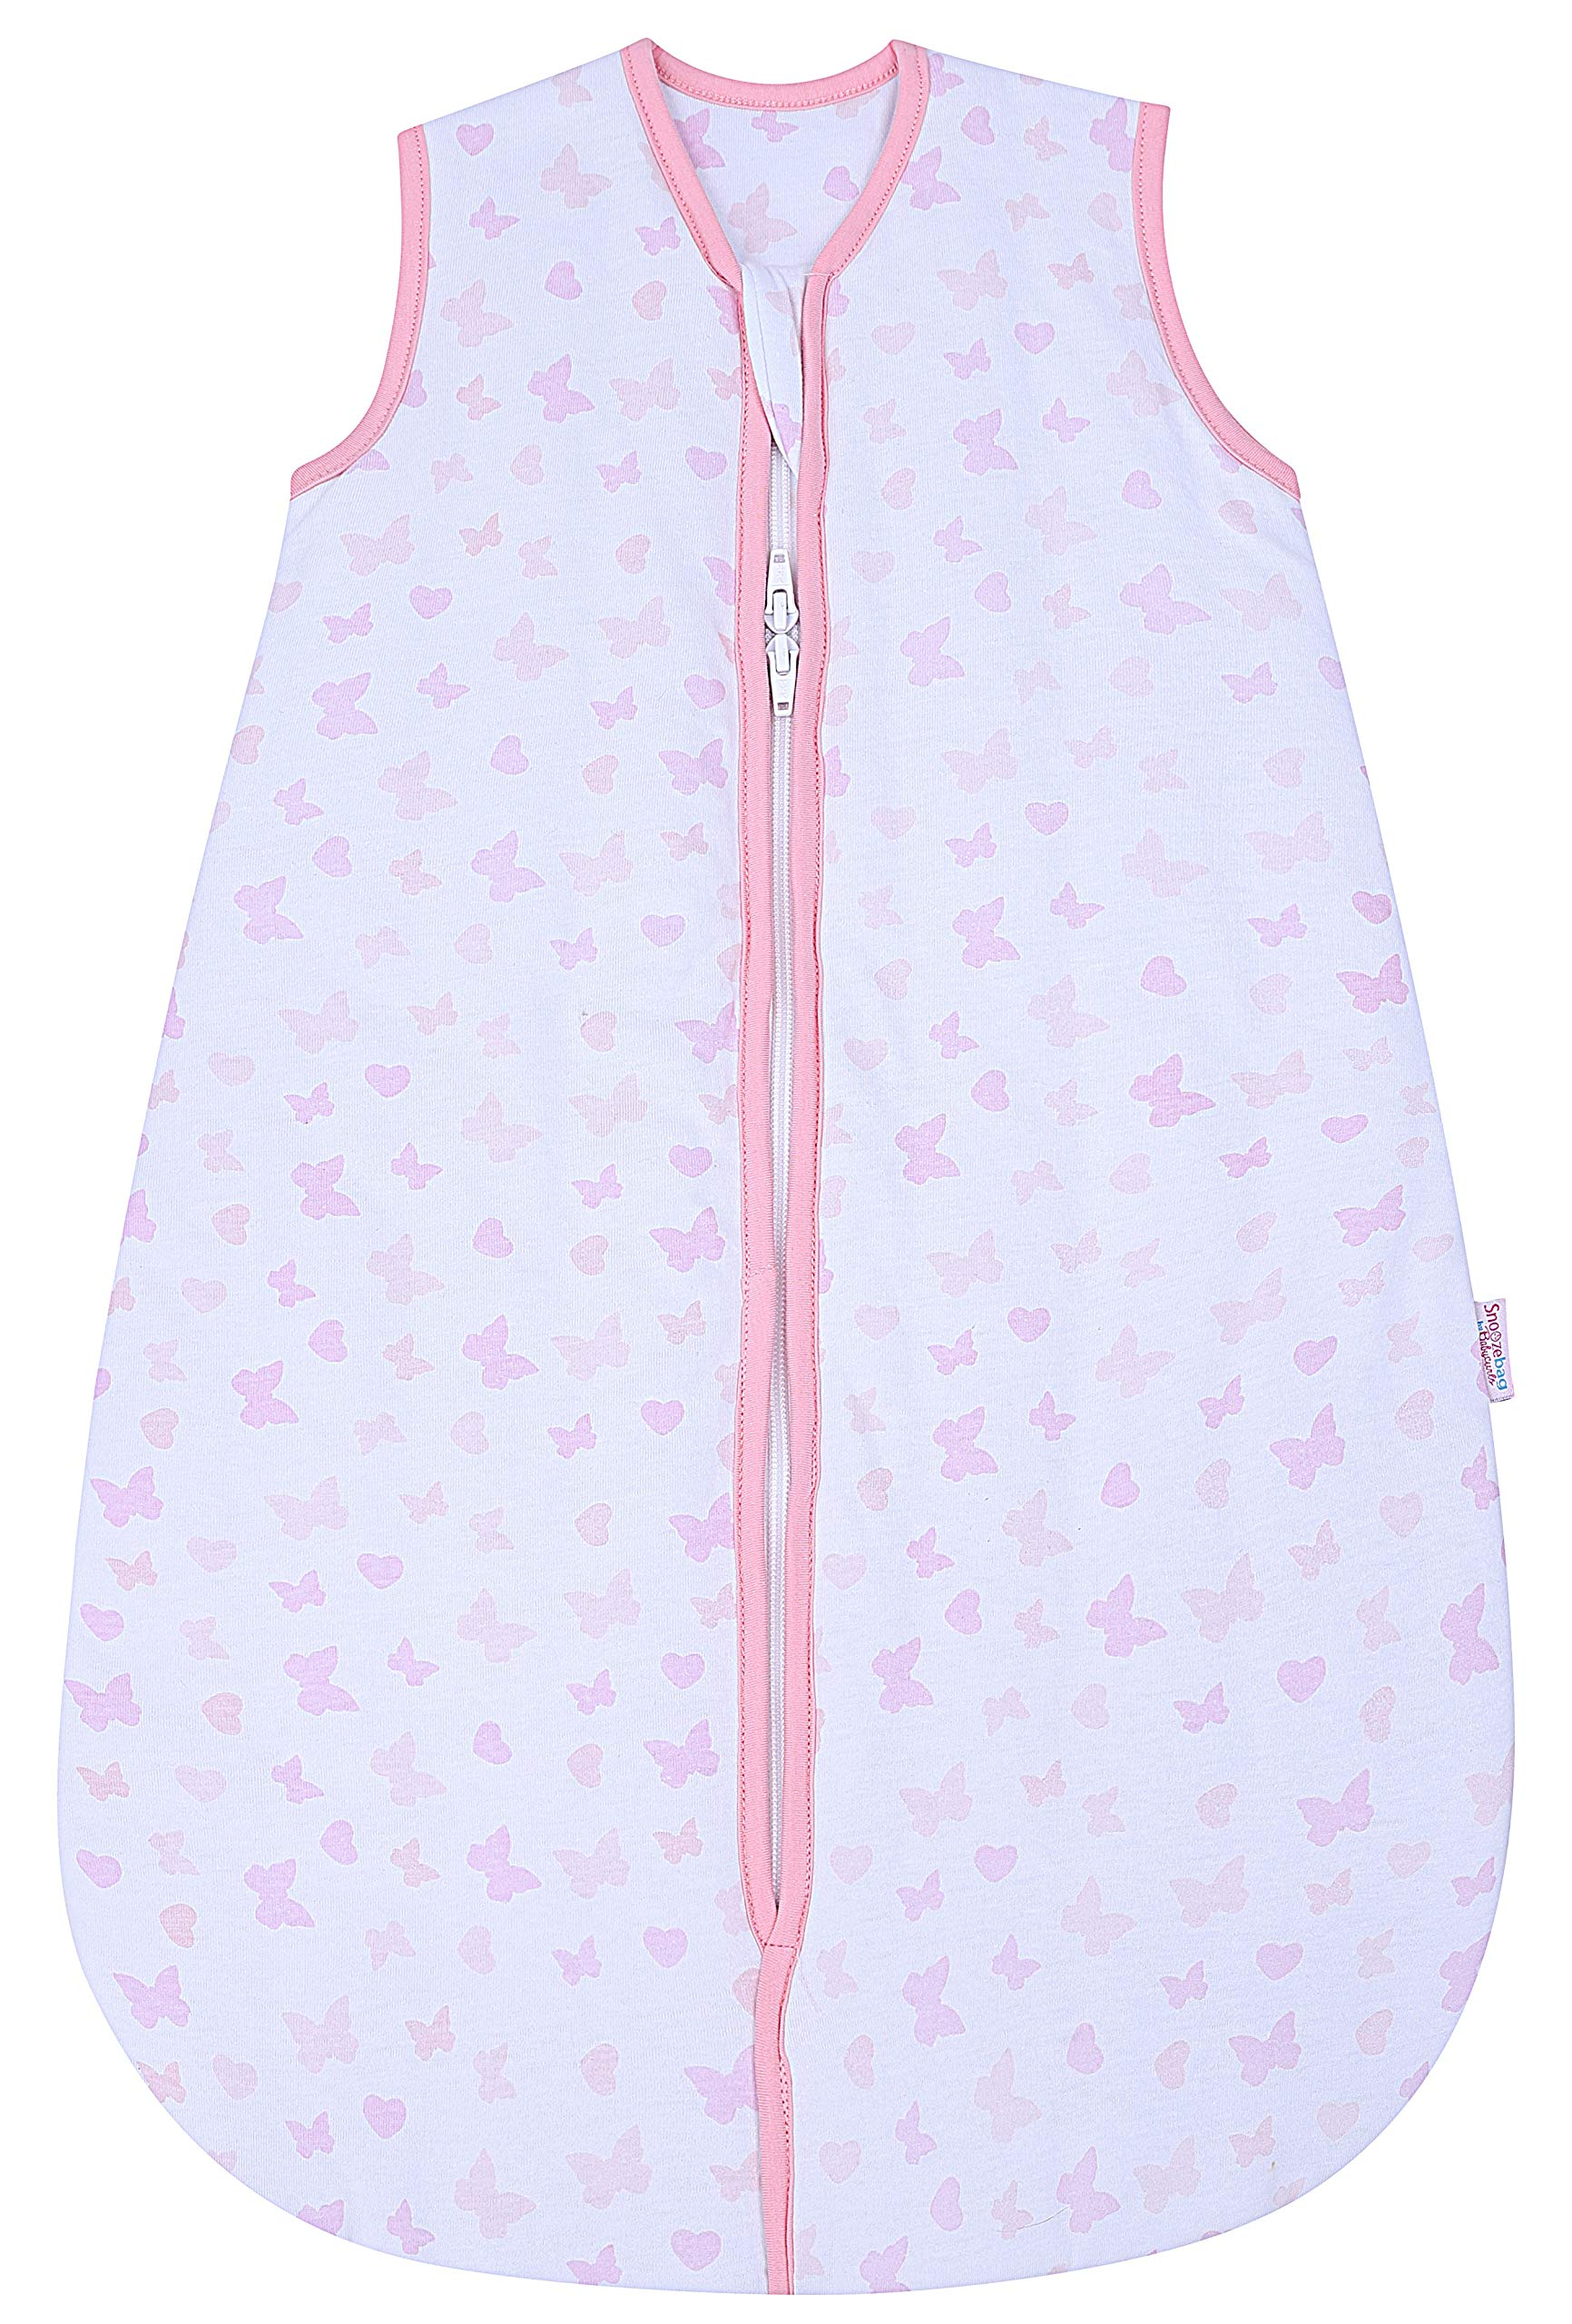 Snoozebag Saco de dormir para bebé de 2,5tog, diseño de mariposas y corazones rosa rosa Talla:0-6 meses